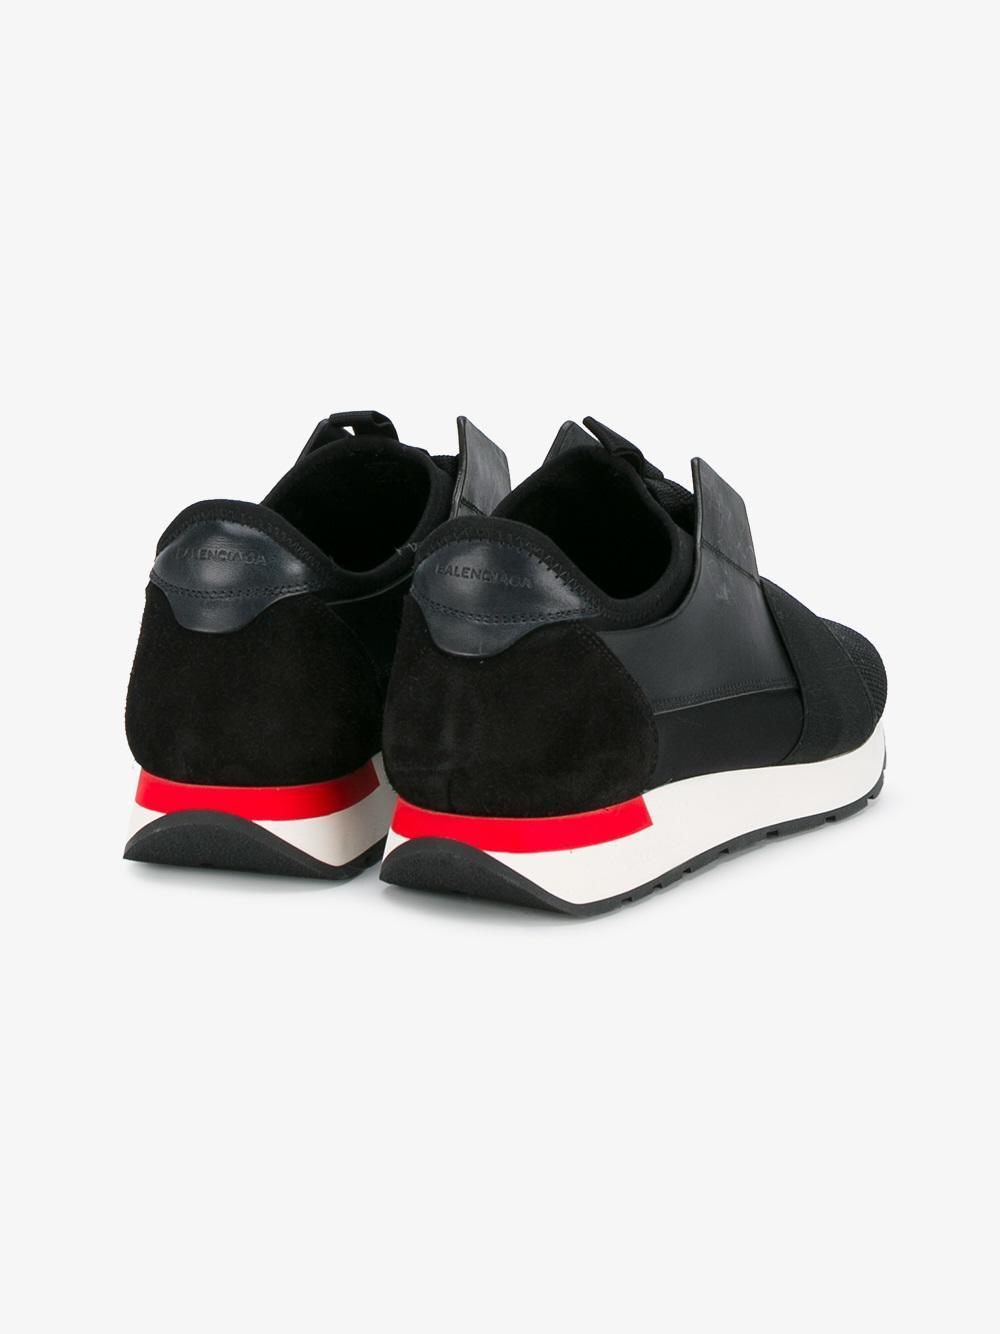 Balenciaga Sneakers And Black 28 Images Balenciaga